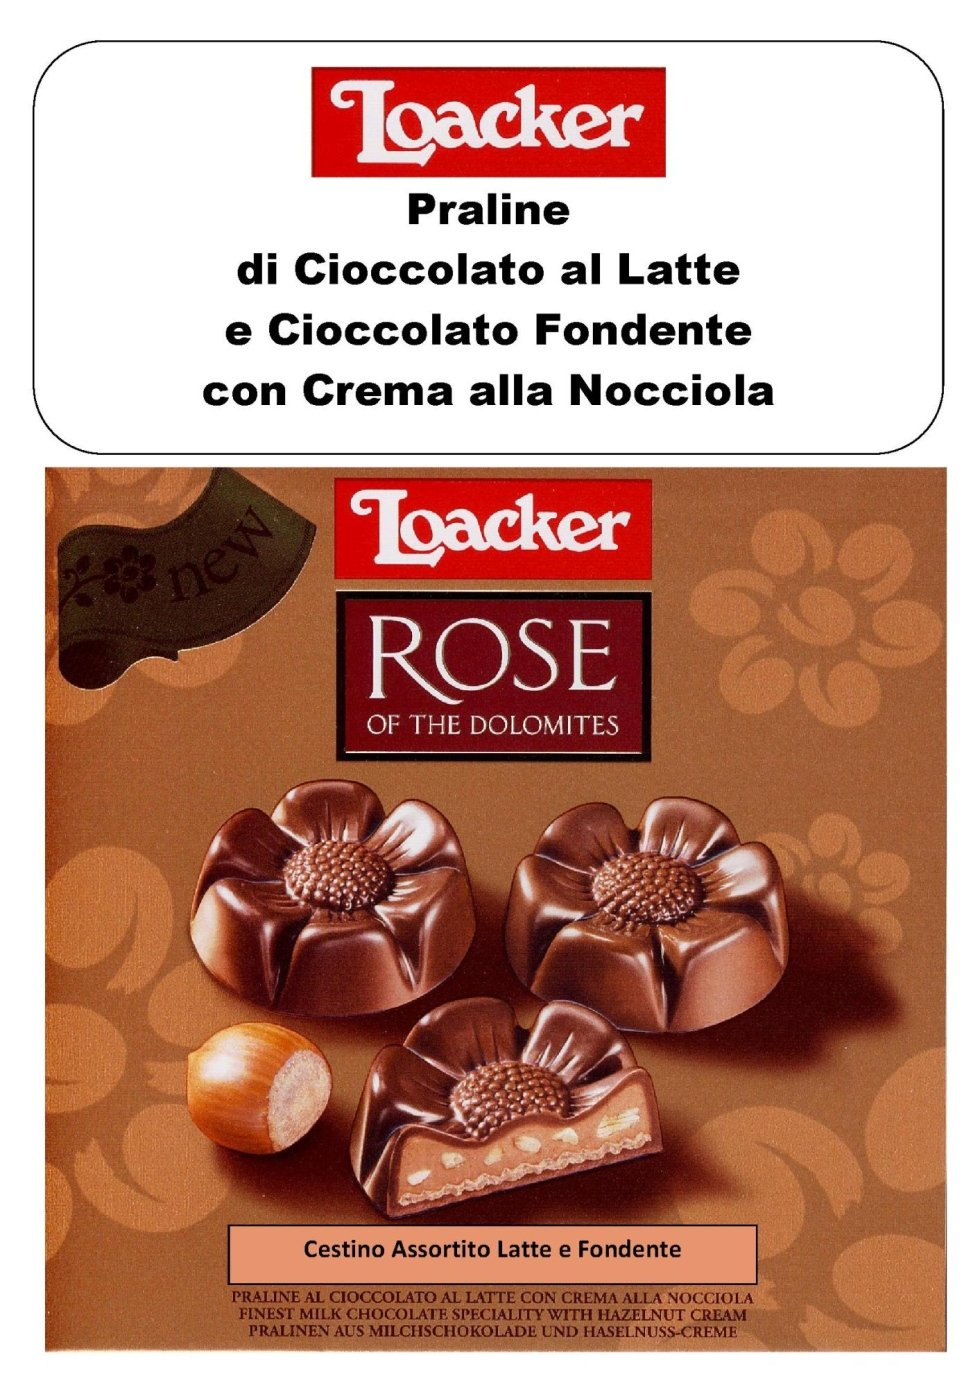 rivenditore cioccolato gr market